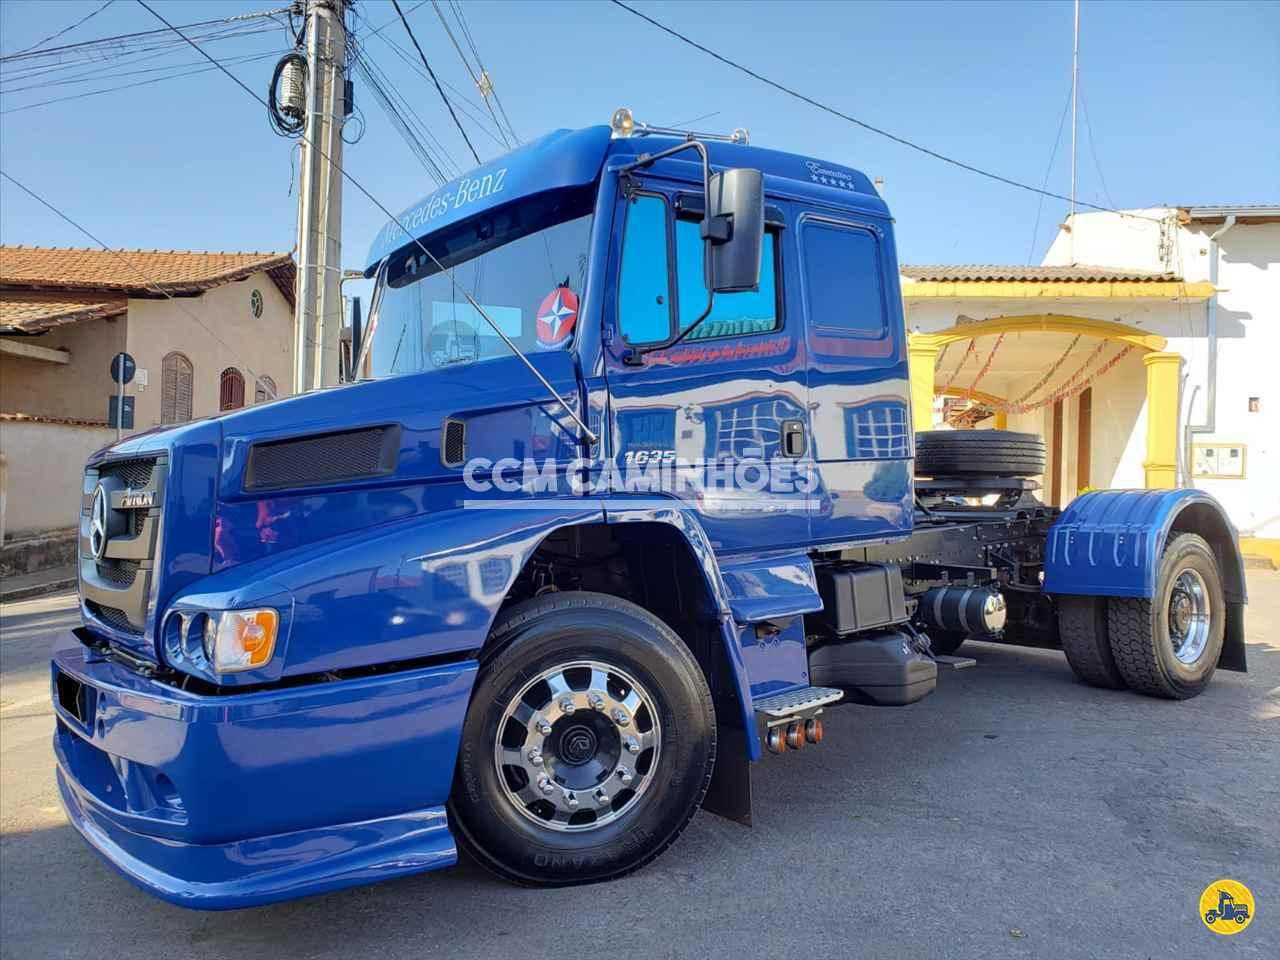 MB 1635 de CCM Caminhões - GOIANIA/GO